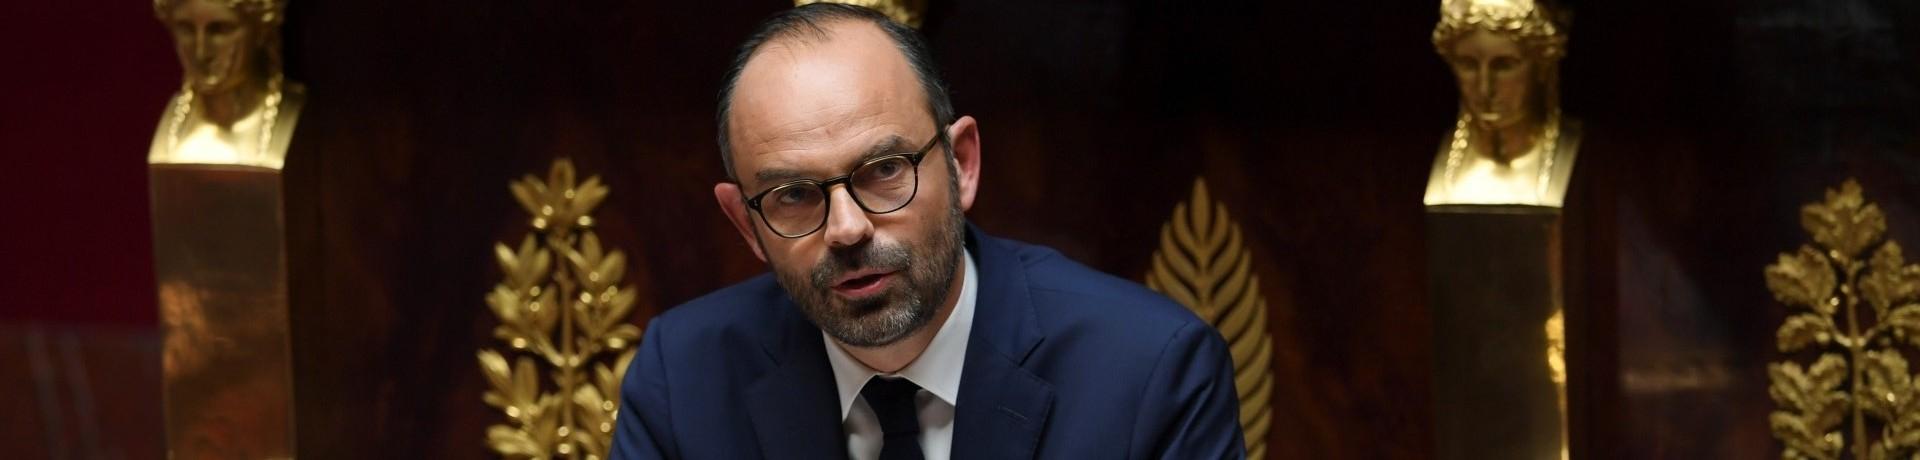 Édouard Philippe, le 4 juillet 2017 à l'Assemblée nationale